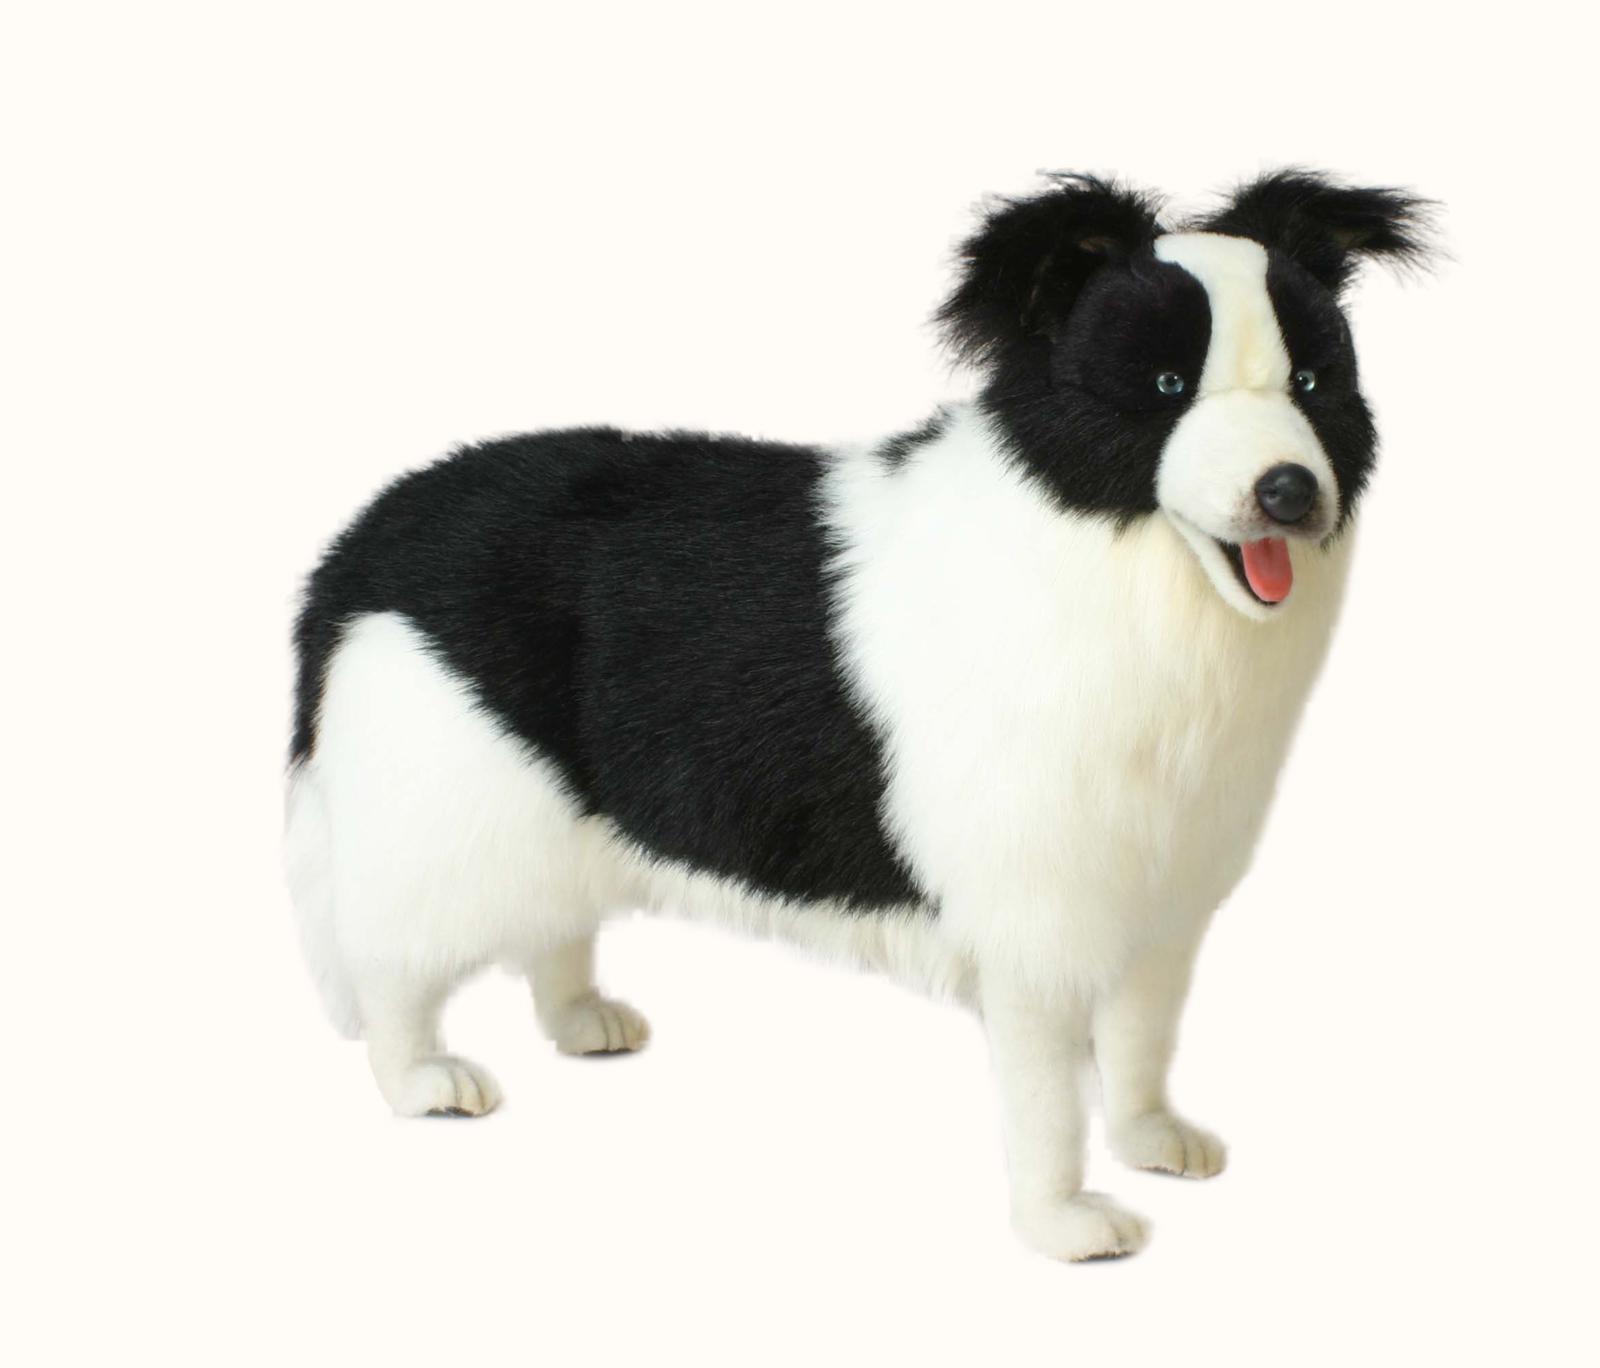 Мягкая игрушка - Собака породы Бордер Колли, 80 смСобаки<br>Мягкая игрушка - Собака породы Бордер Колли, 80 см<br>